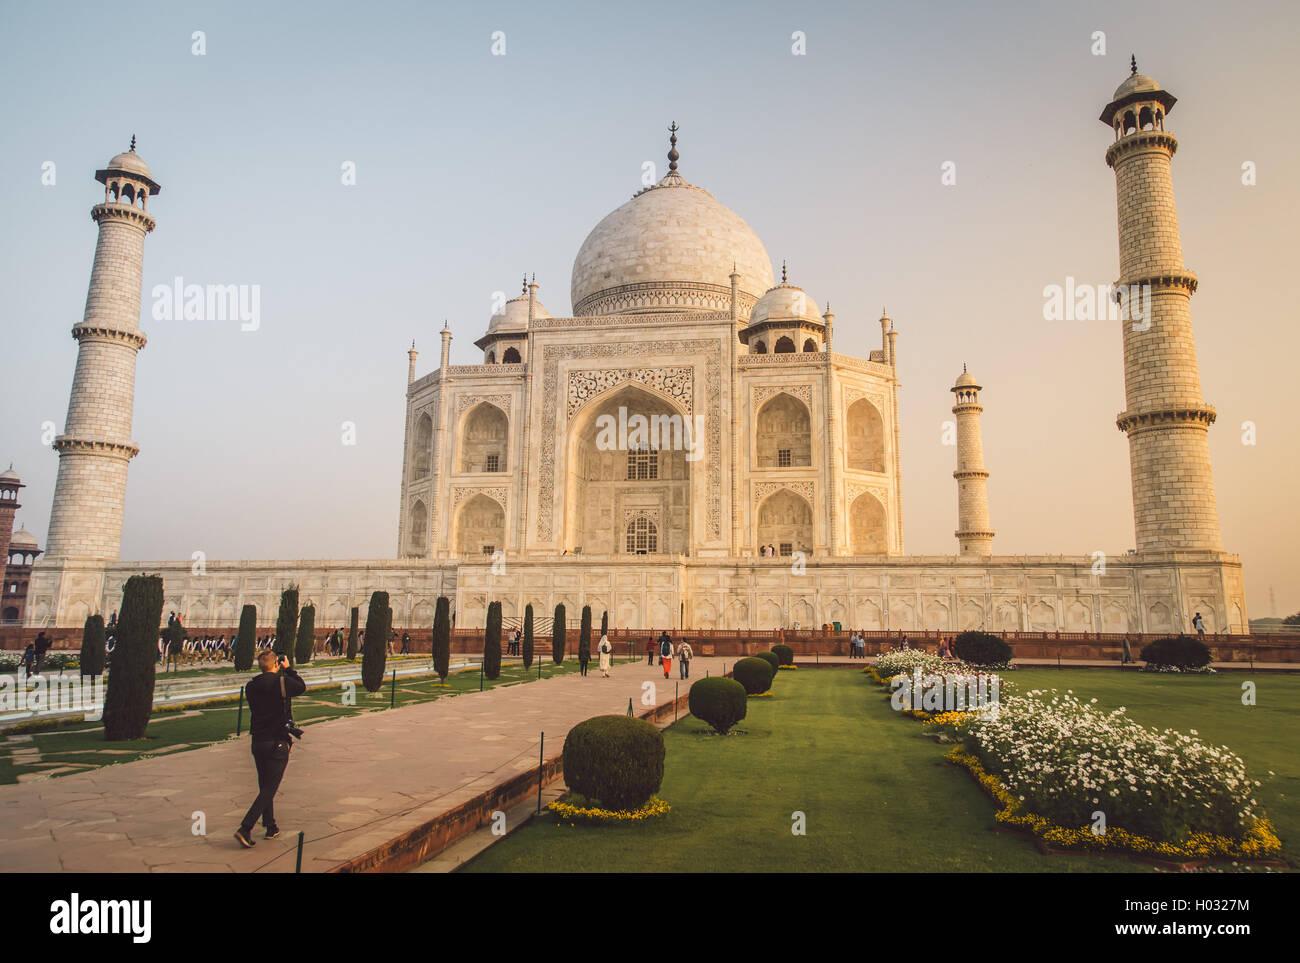 AGRA, India - 28 febbraio 2015: vista del Taj Mahal verso il lato del sud. Visitatore con la fotocamera. Post-elaborati Immagini Stock